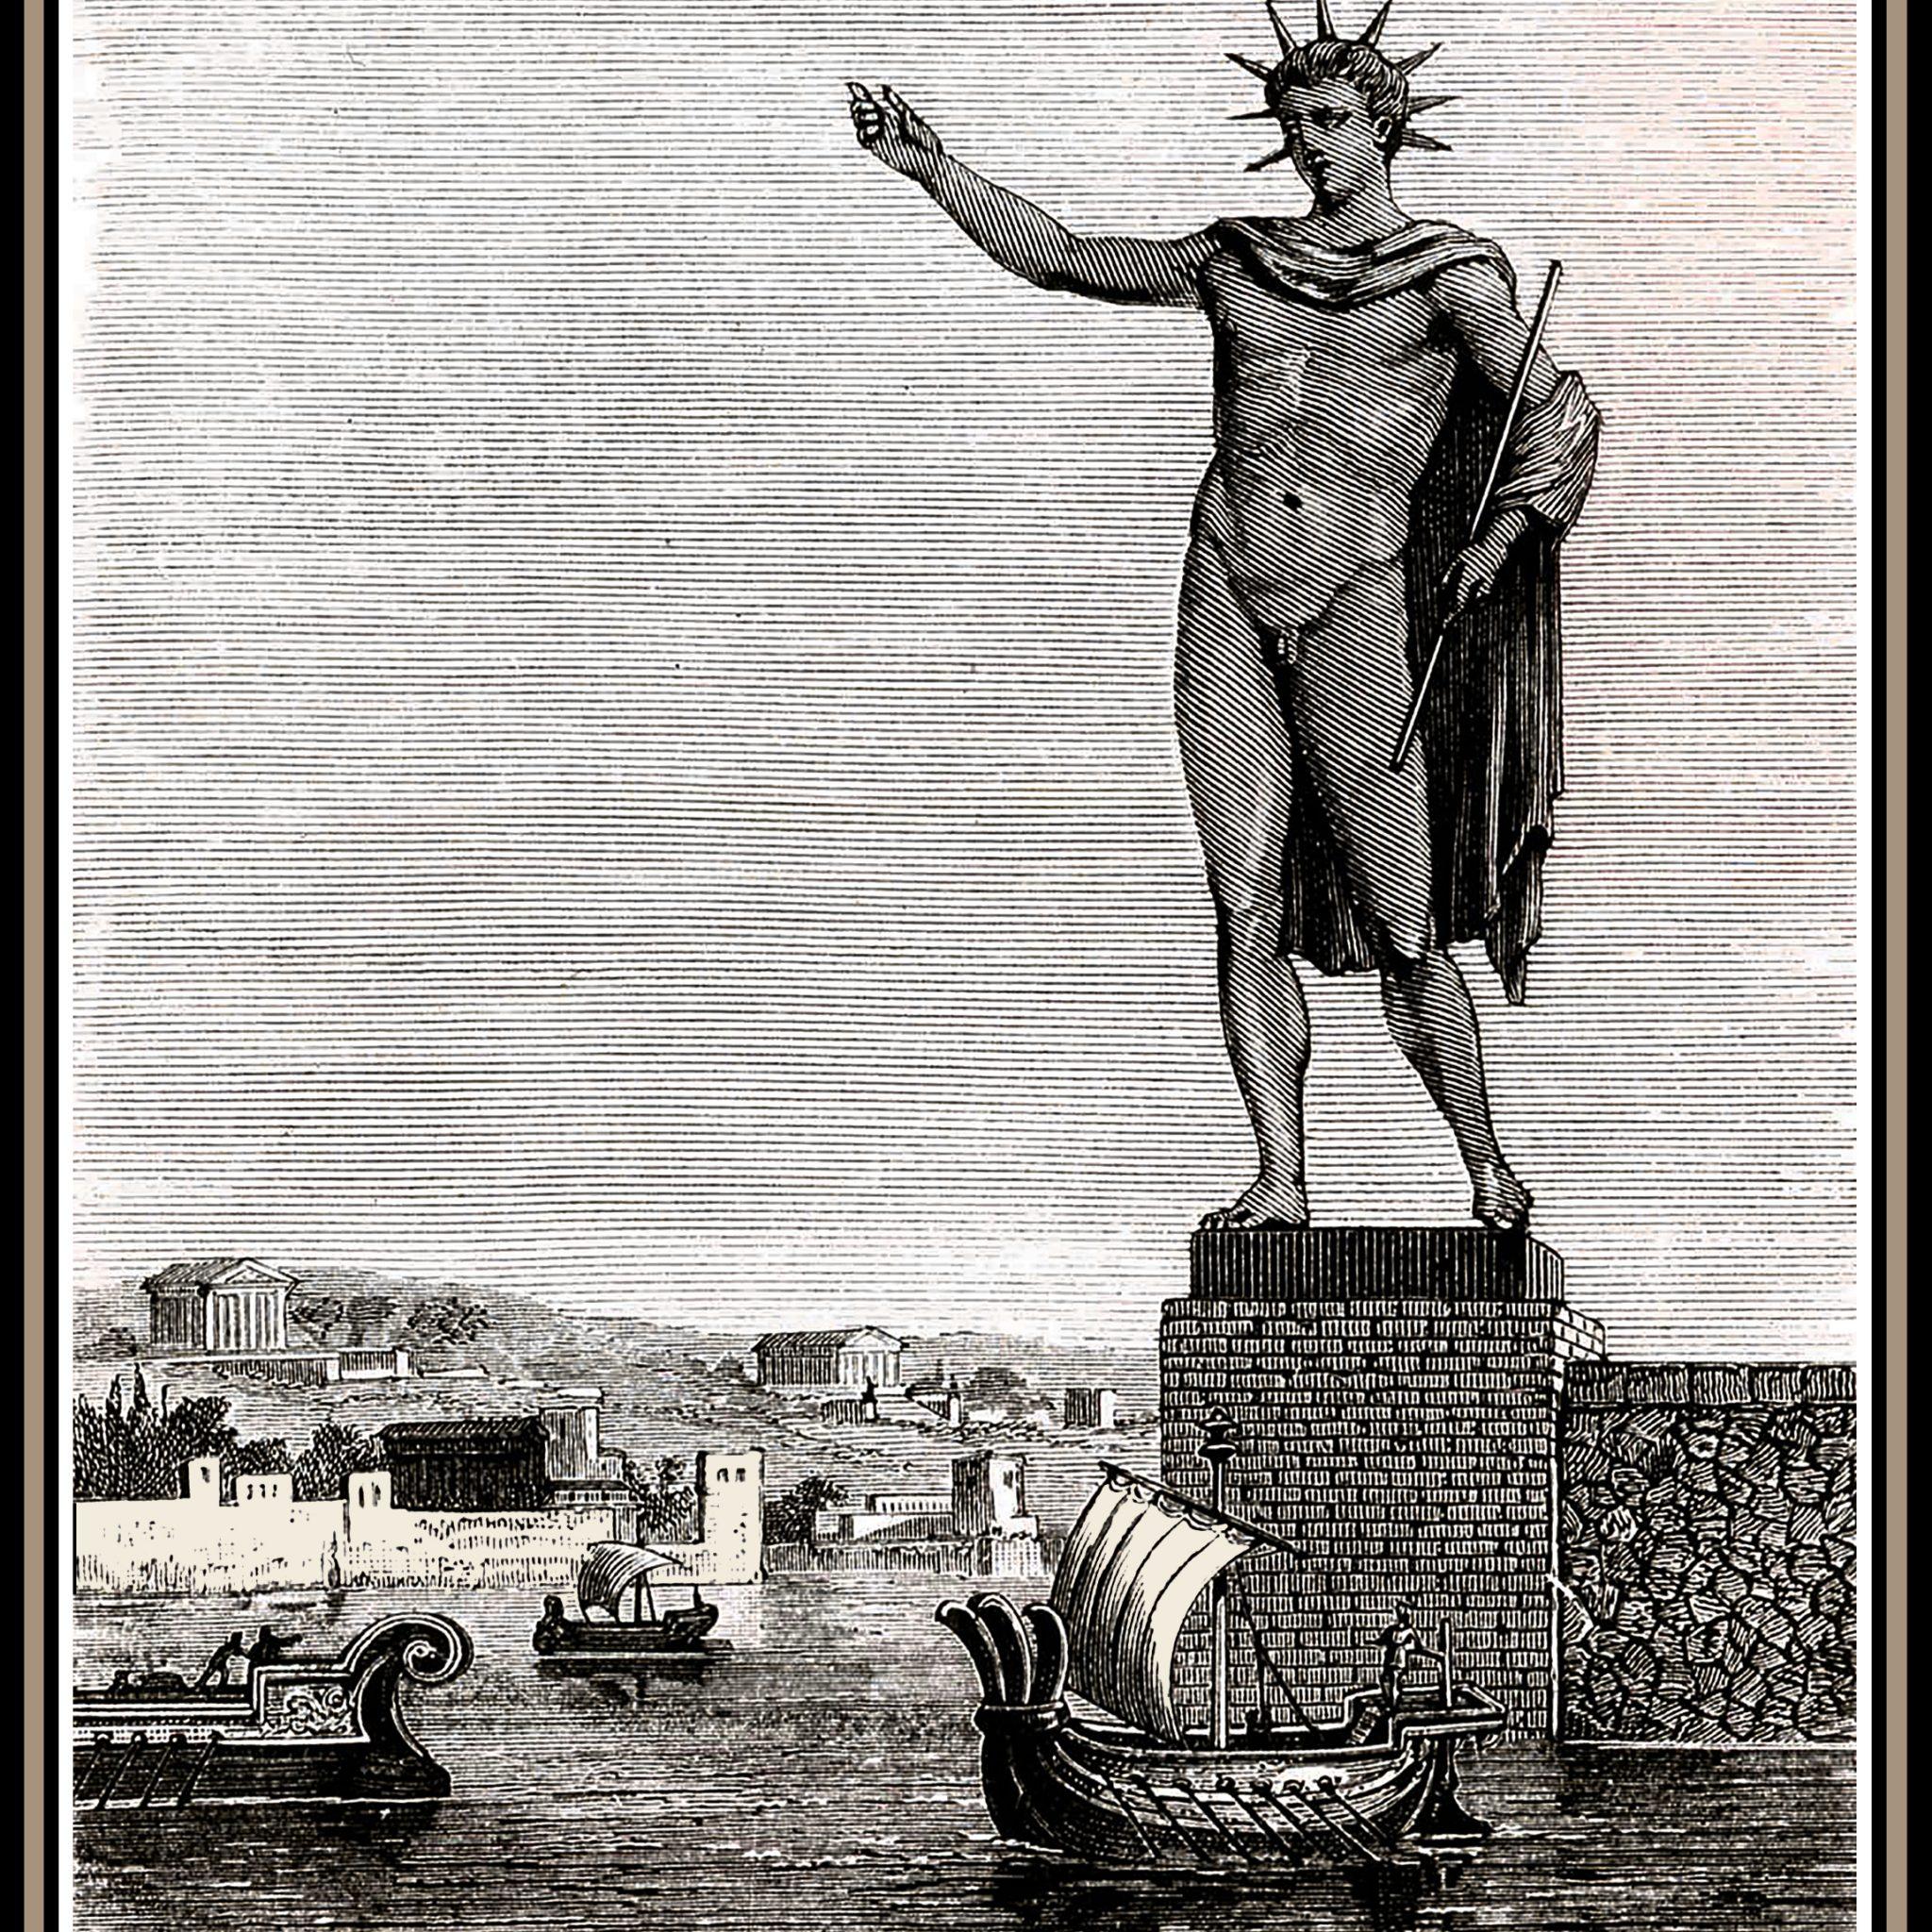 Niemand weet hoe de Kolos van Rhodos eruit heeft gezien. Deze afbeelding ervan berust dus op fantasie, net als de bekende interpretatie waarbij schepen tussen de gespreide benen doorvaren.